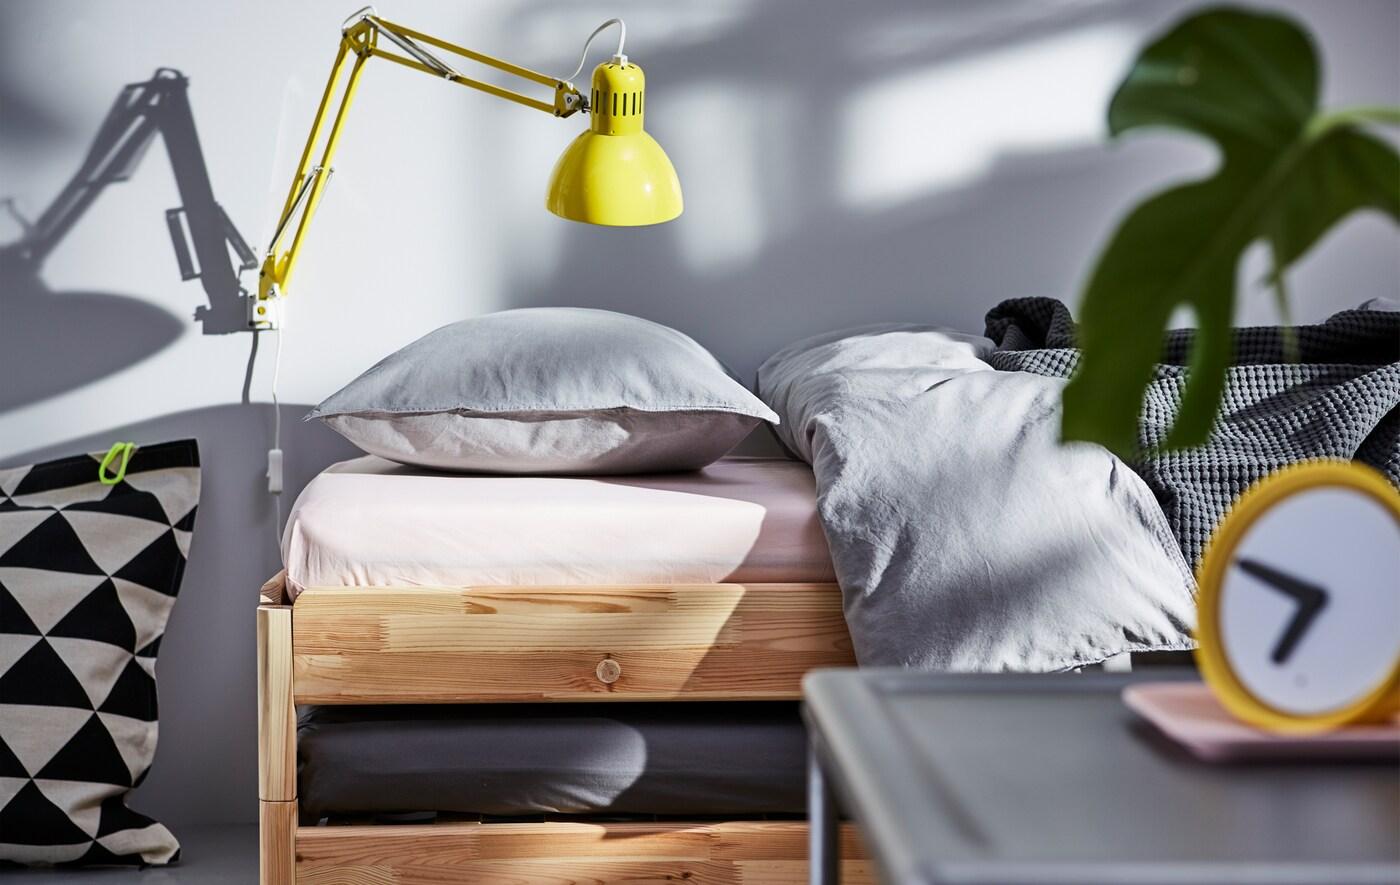 Wohn Schlafraum: Einrichtungsideen Für Kleine Räume